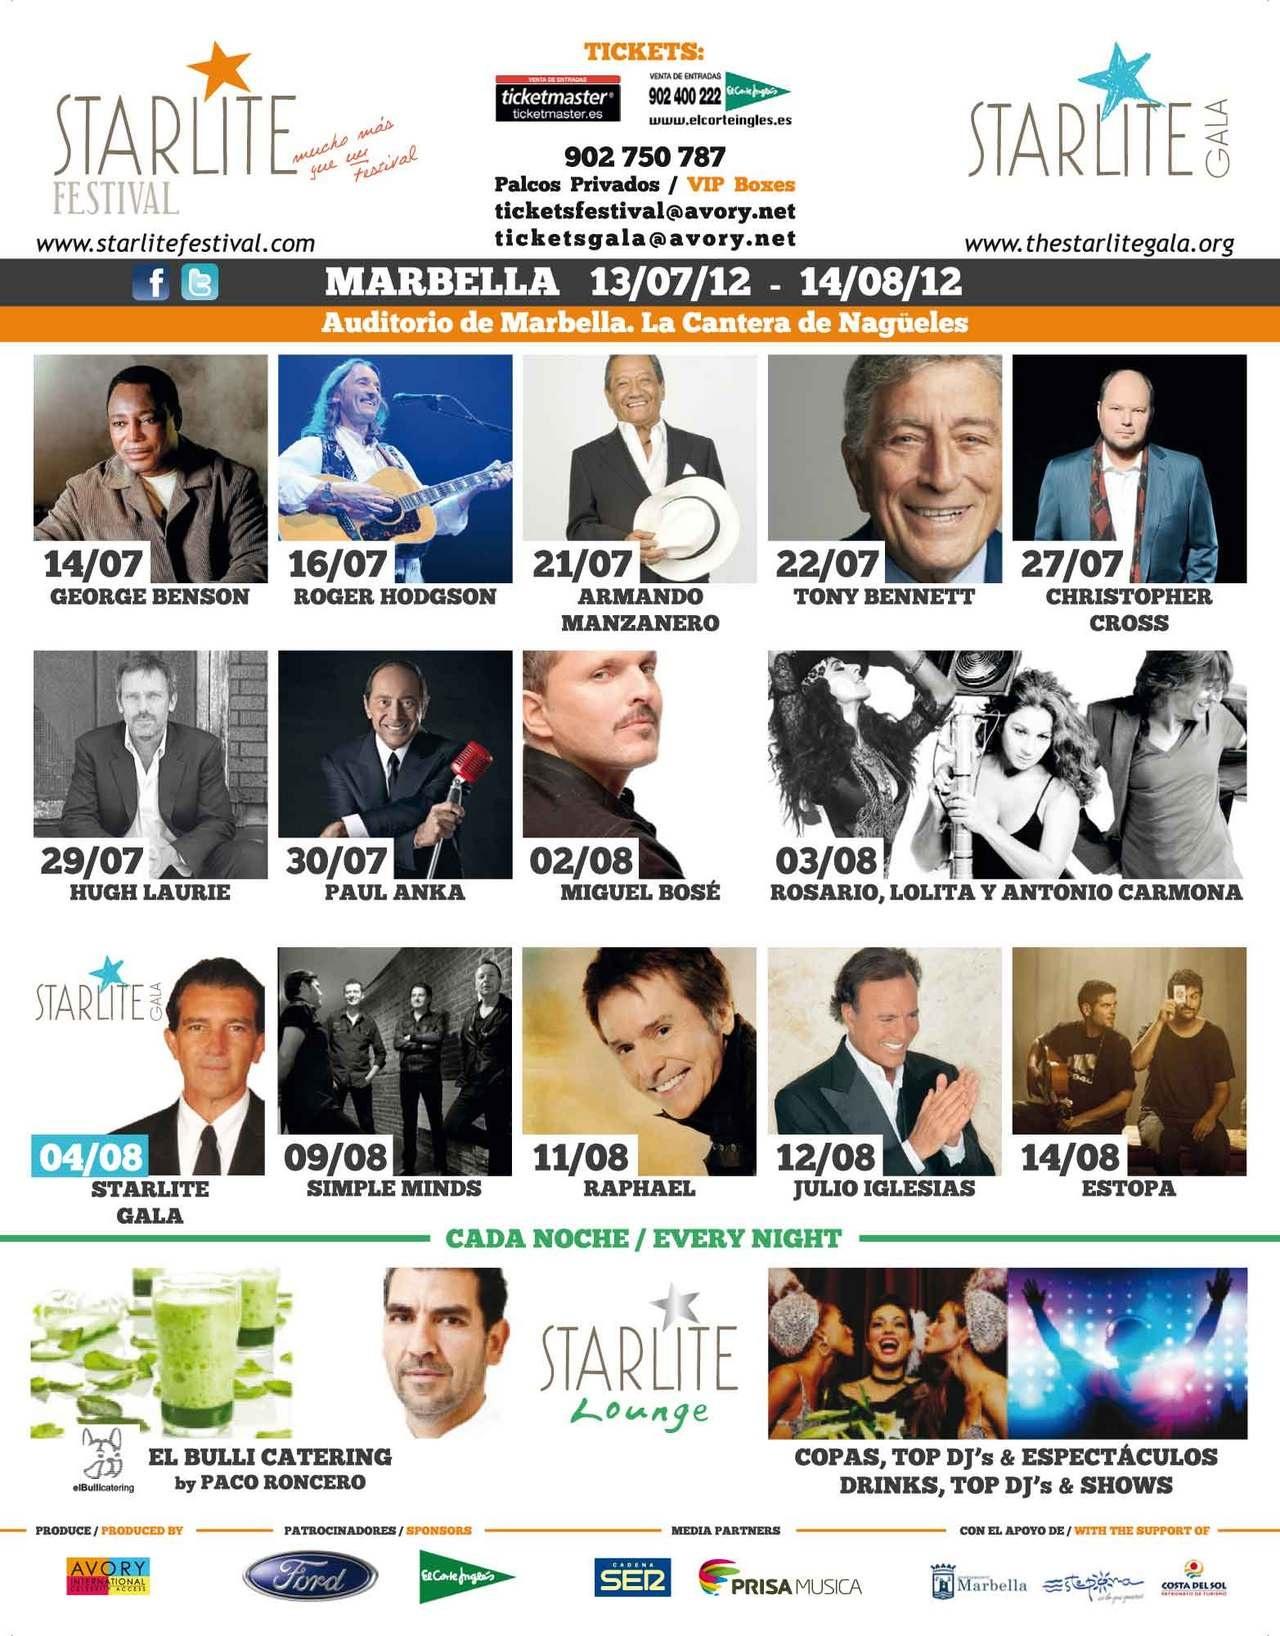 Starlite festival Marbella